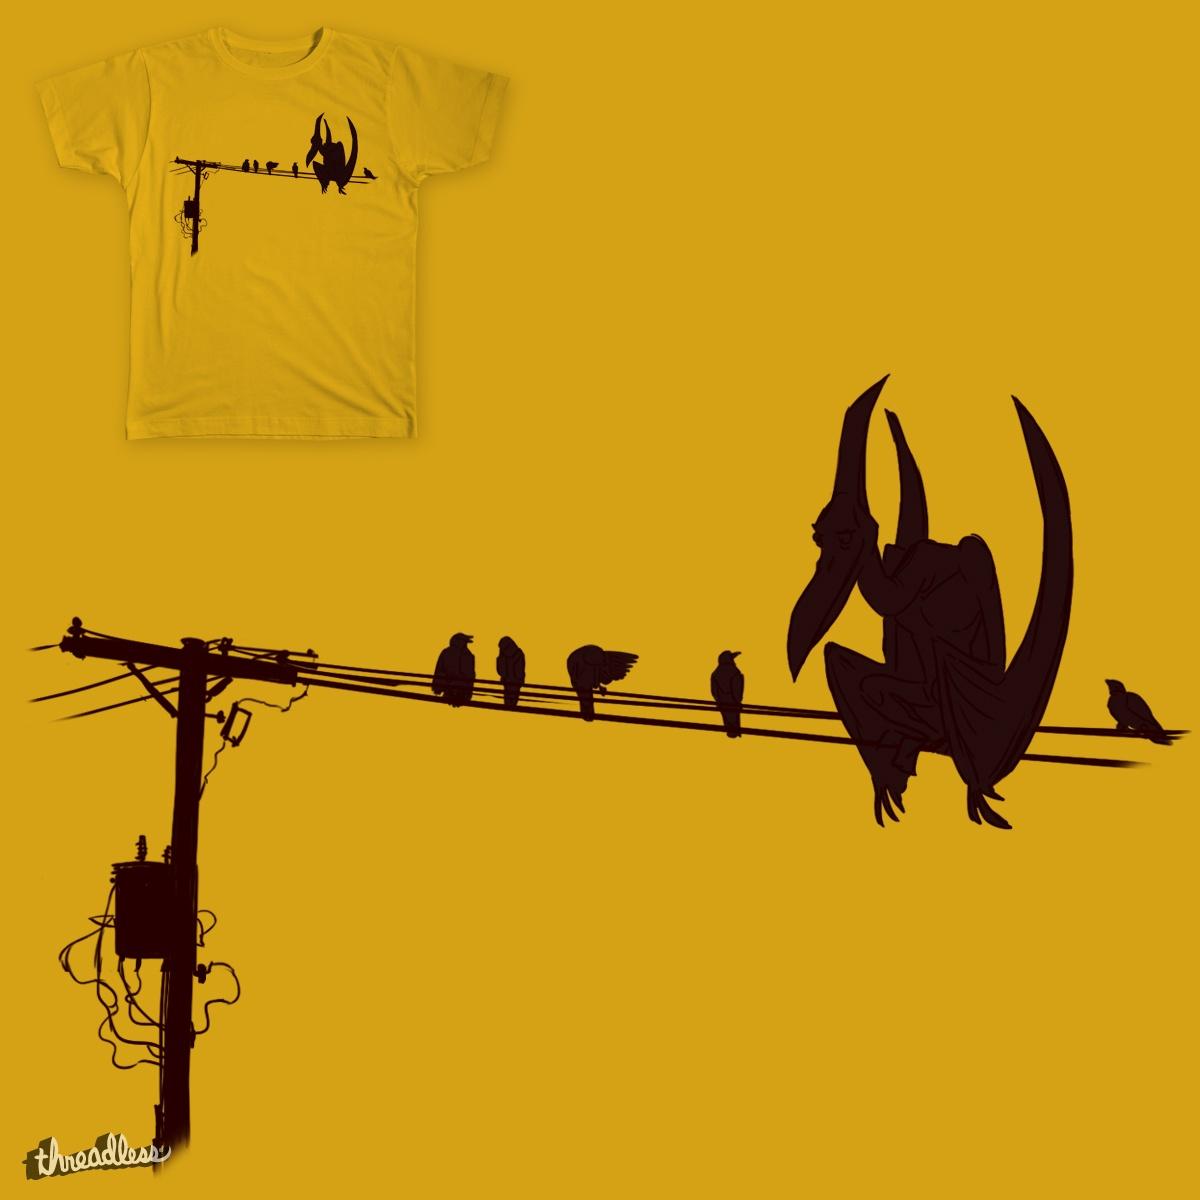 Pterosaur Lines by tedwilson79 on Threadless